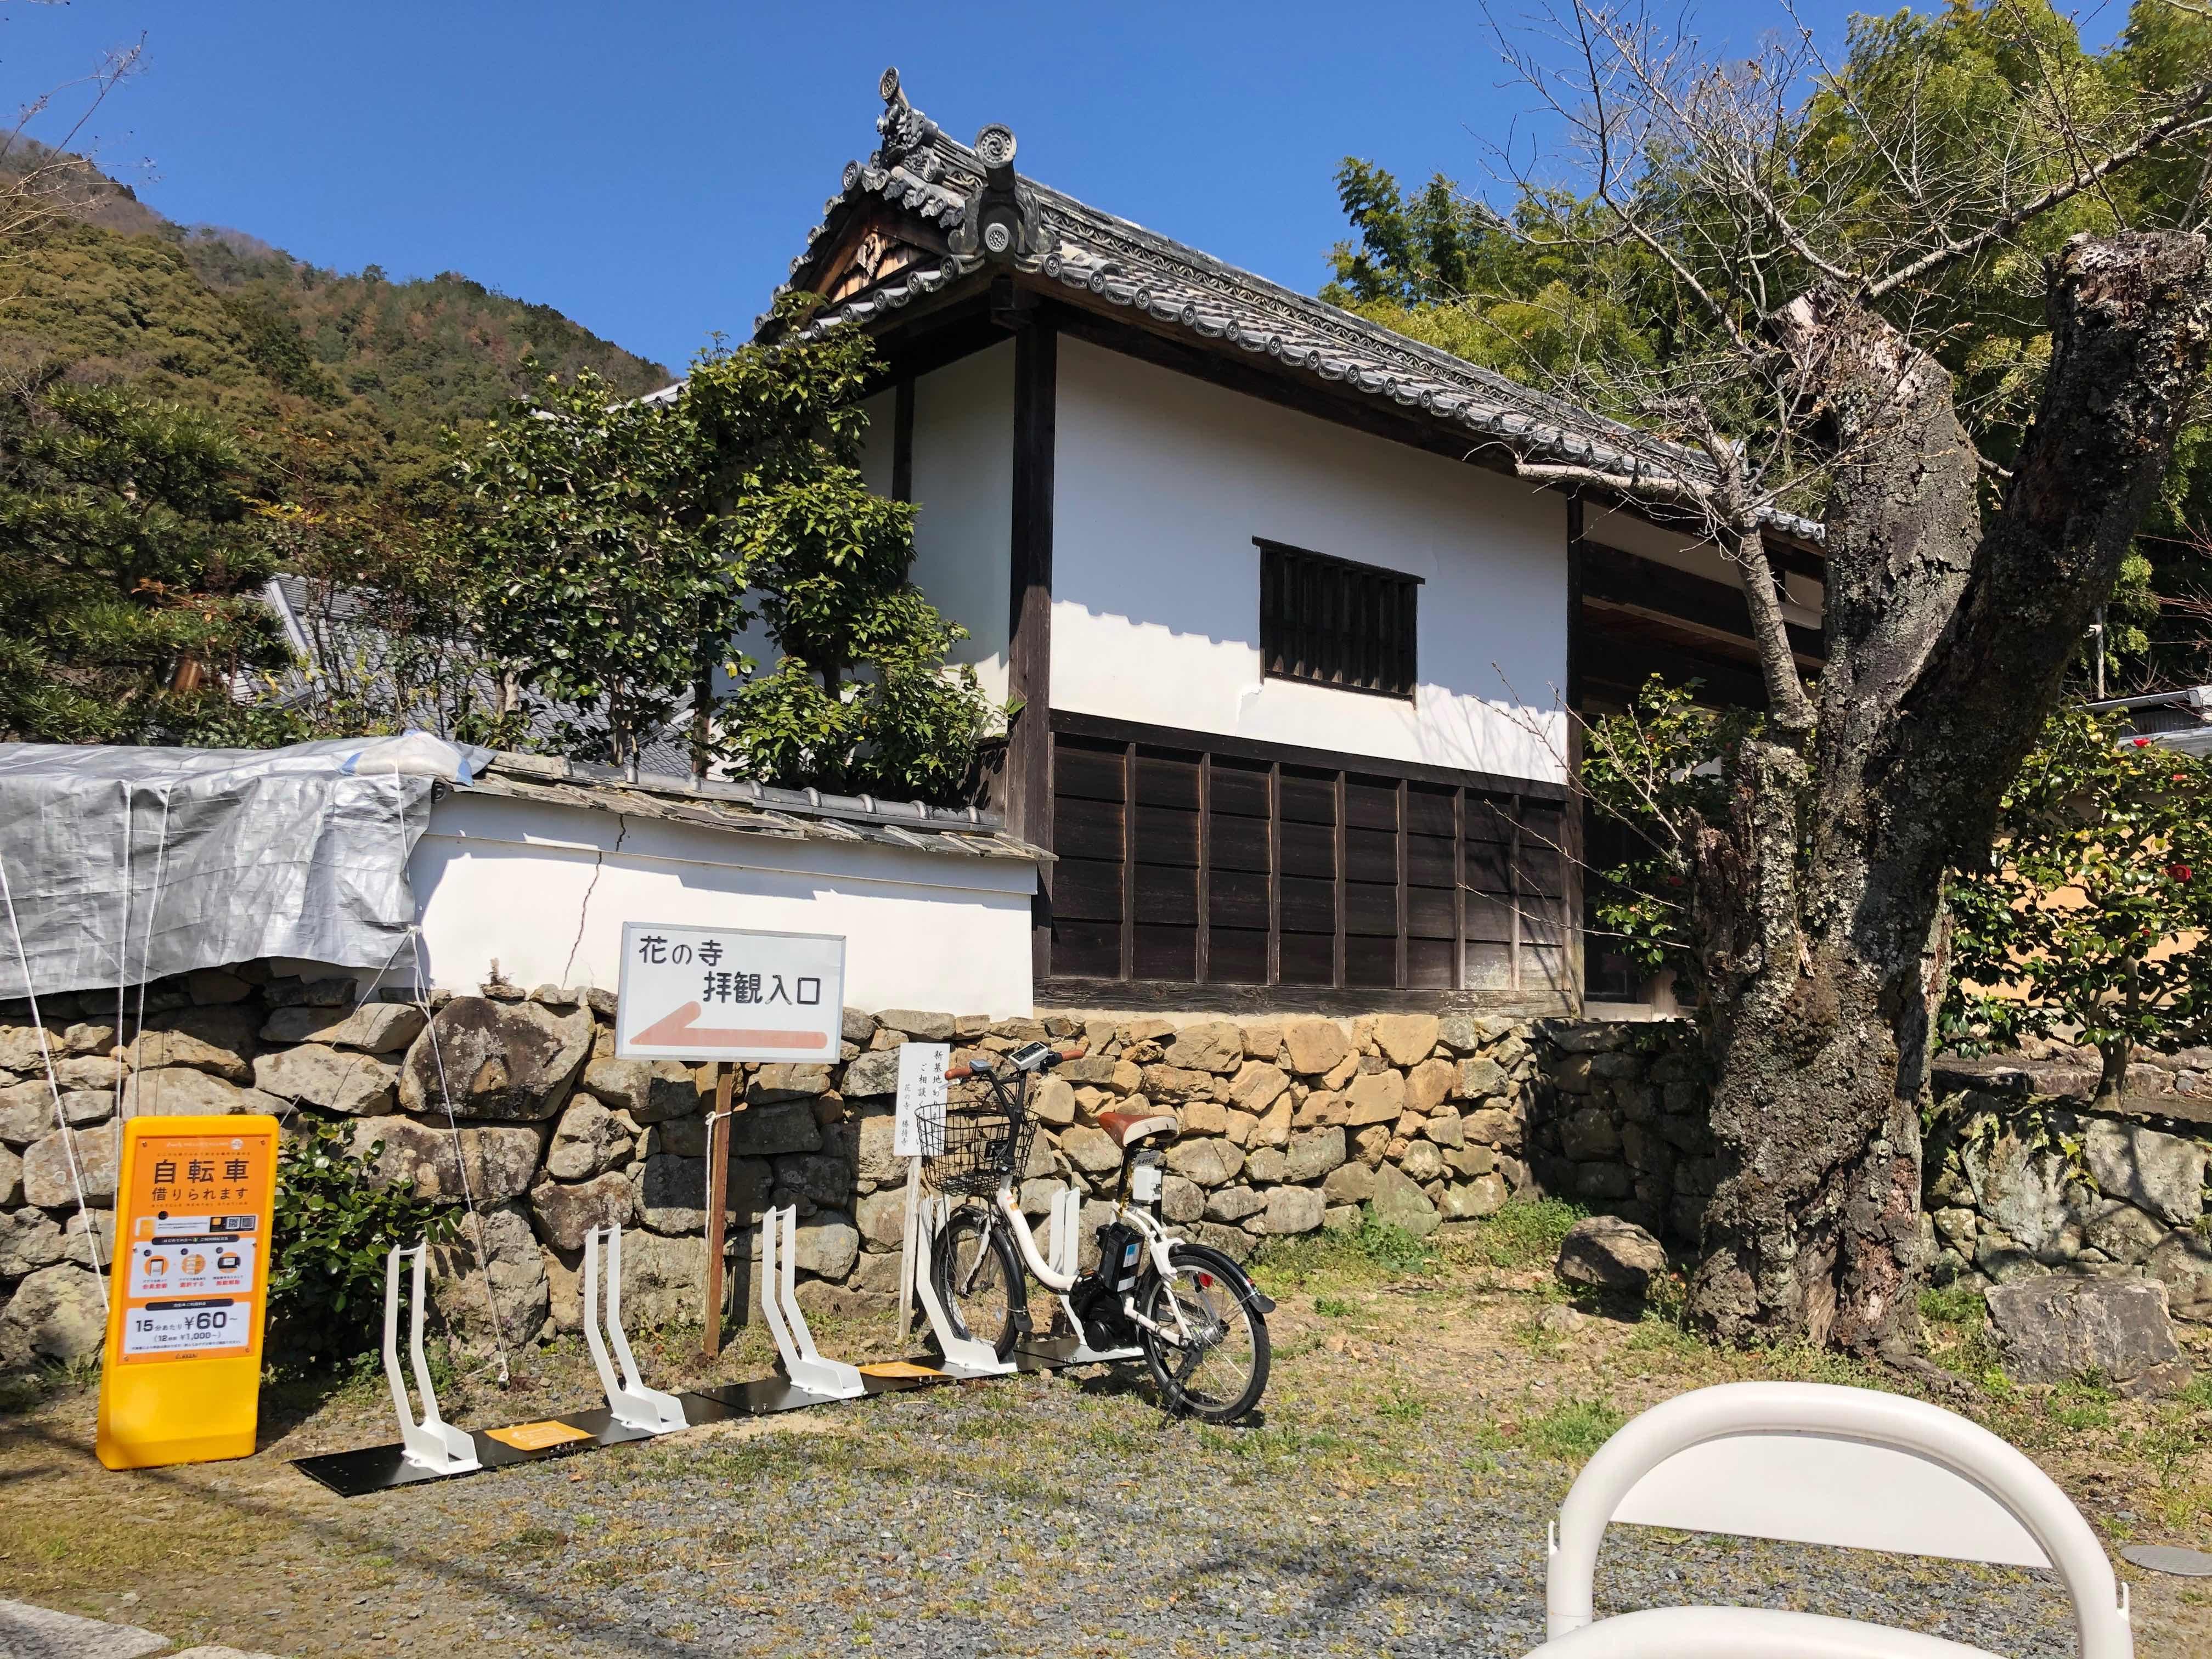 勝持寺 花の寺 (HELLO CYCLING ポート) image